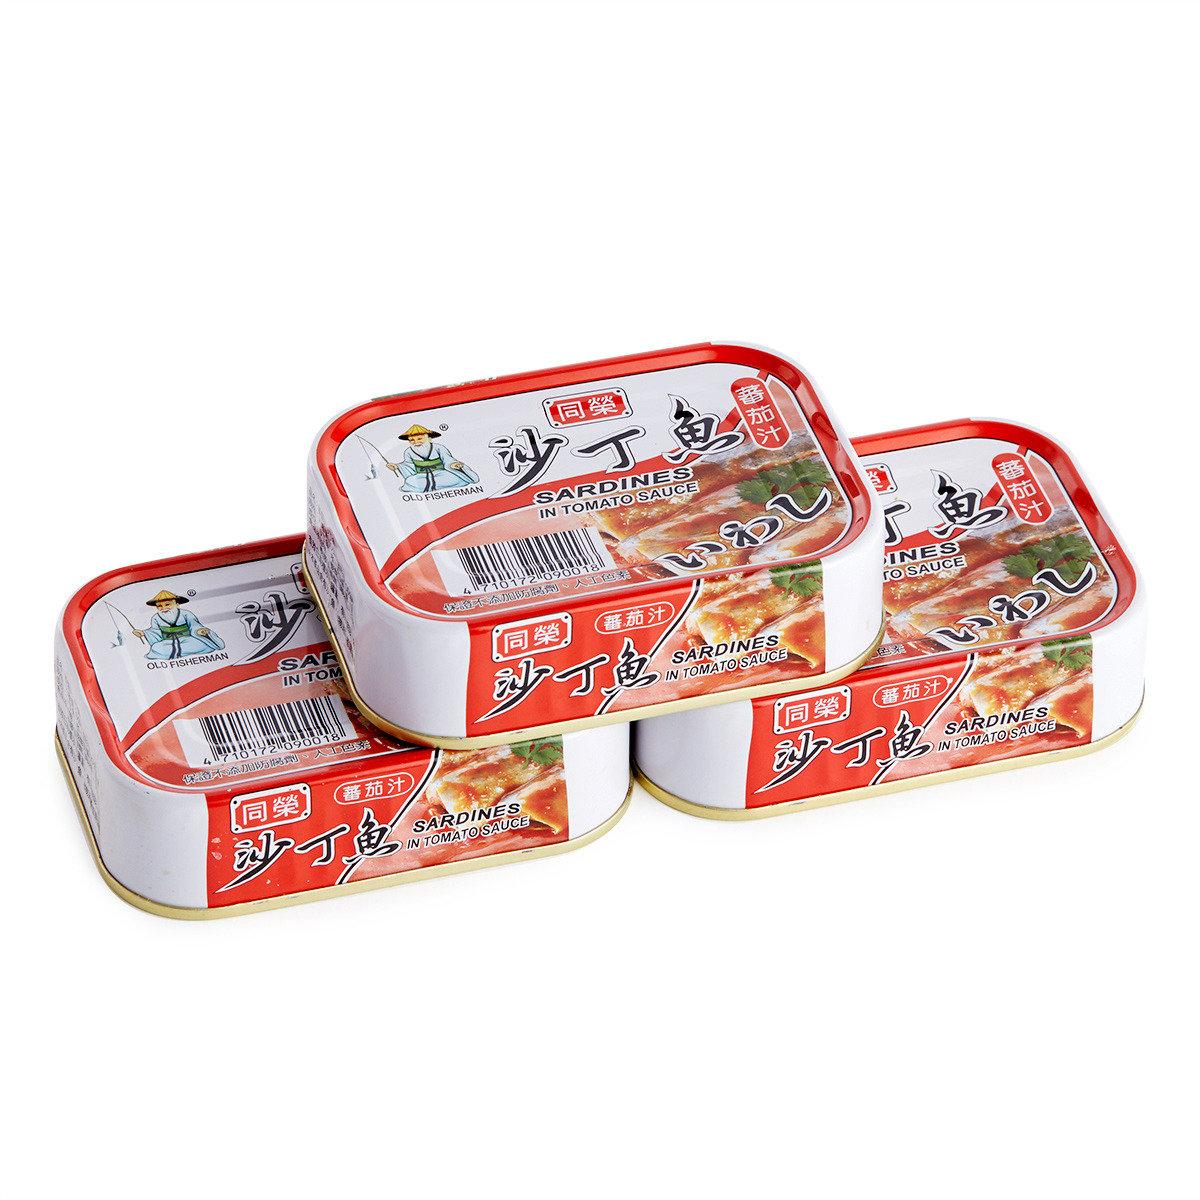 蕃茄汁沙丁魚罐頭